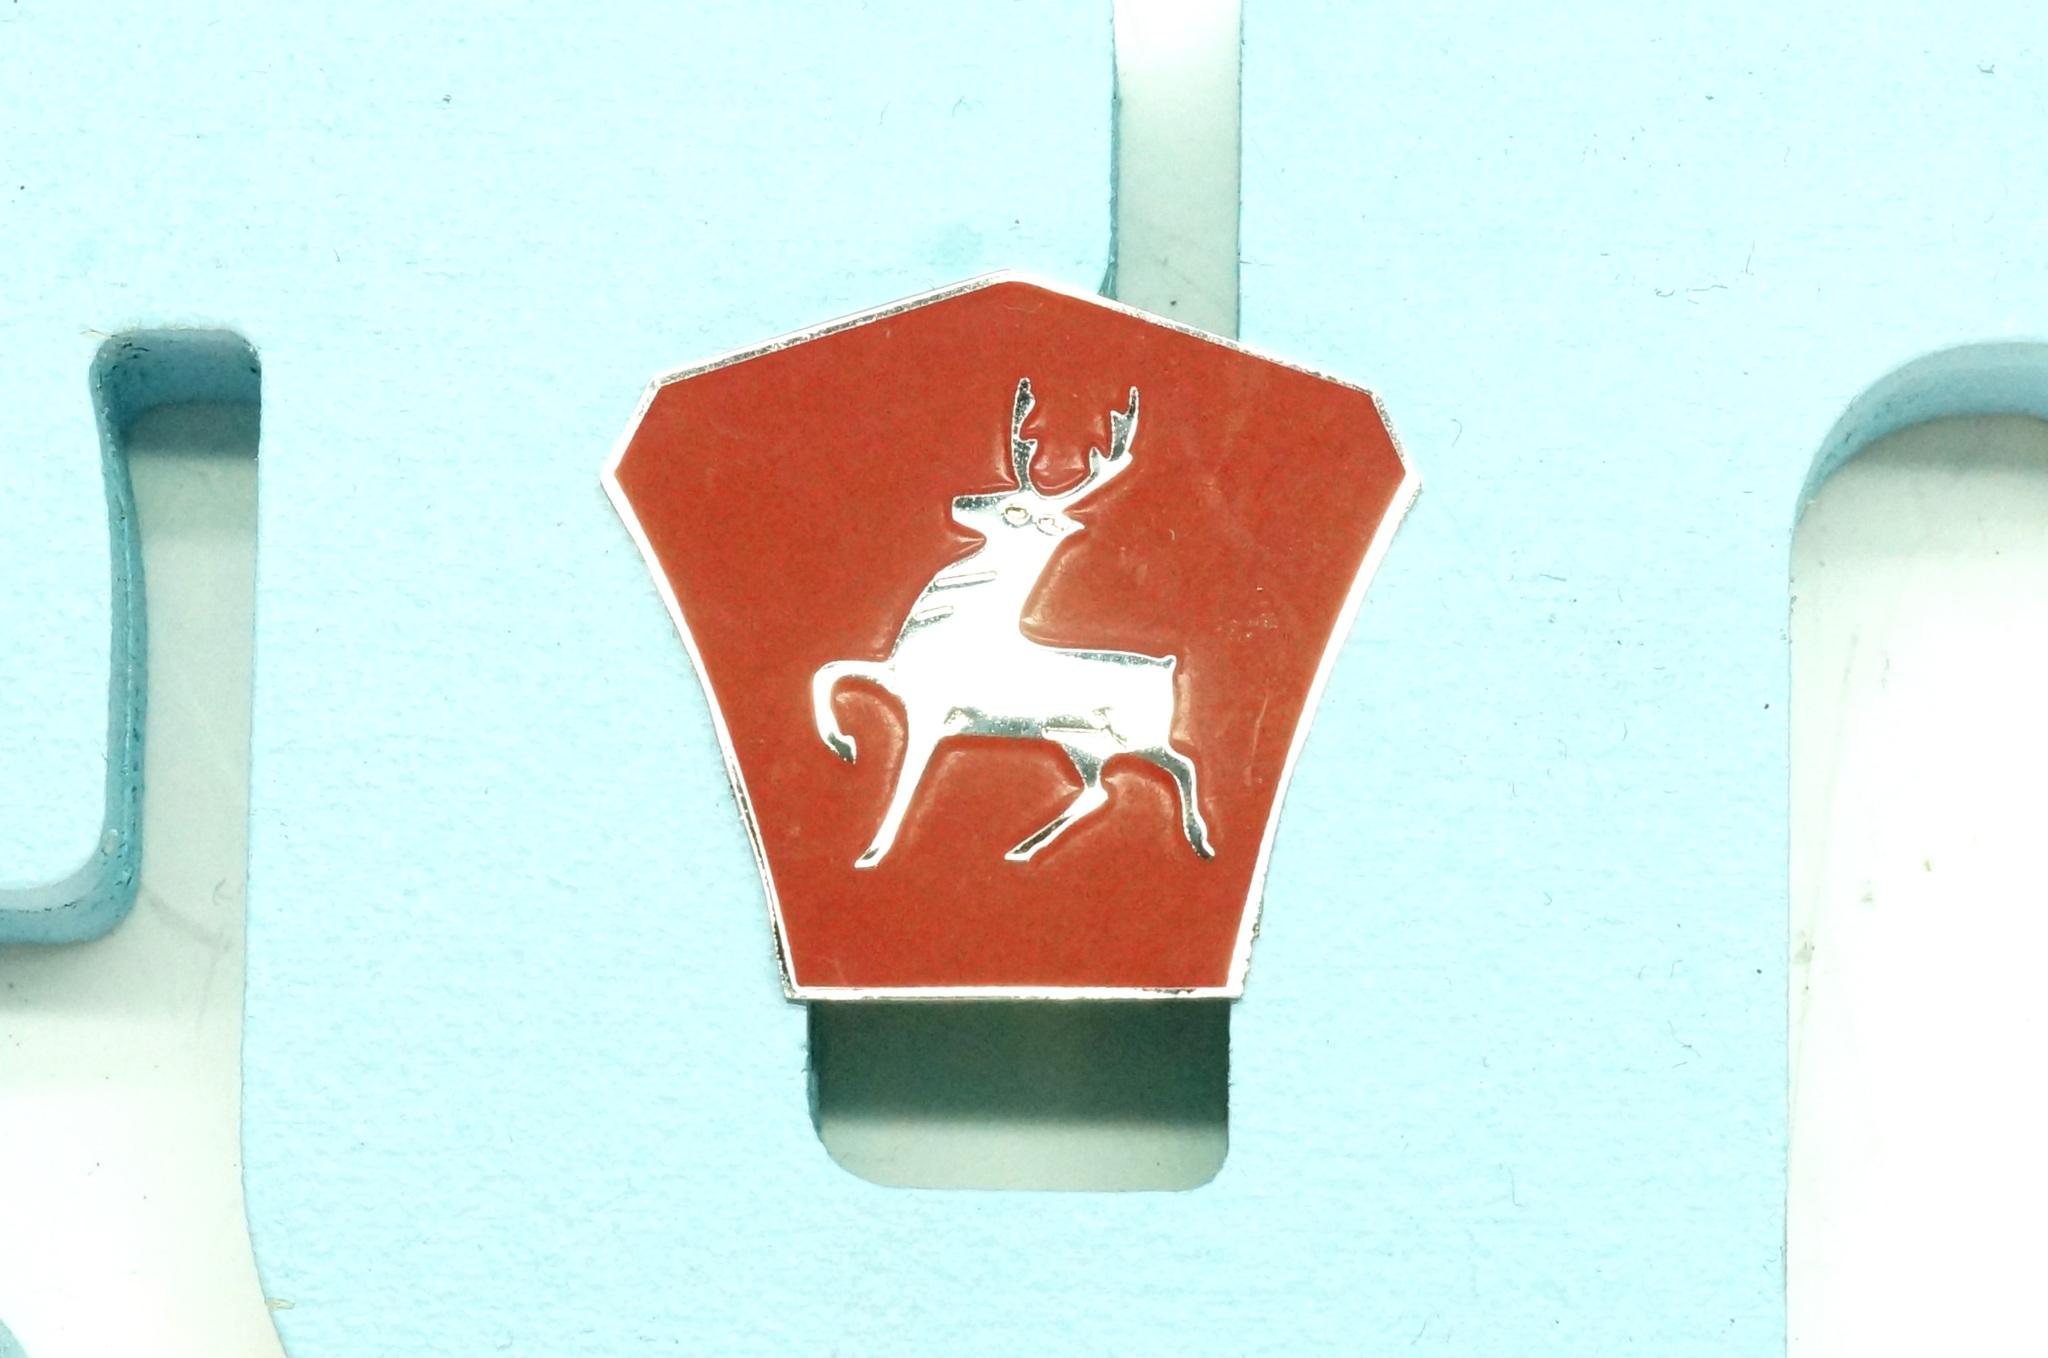 Значок эмблема птички капота ГАЗ 21 1, 2 серия